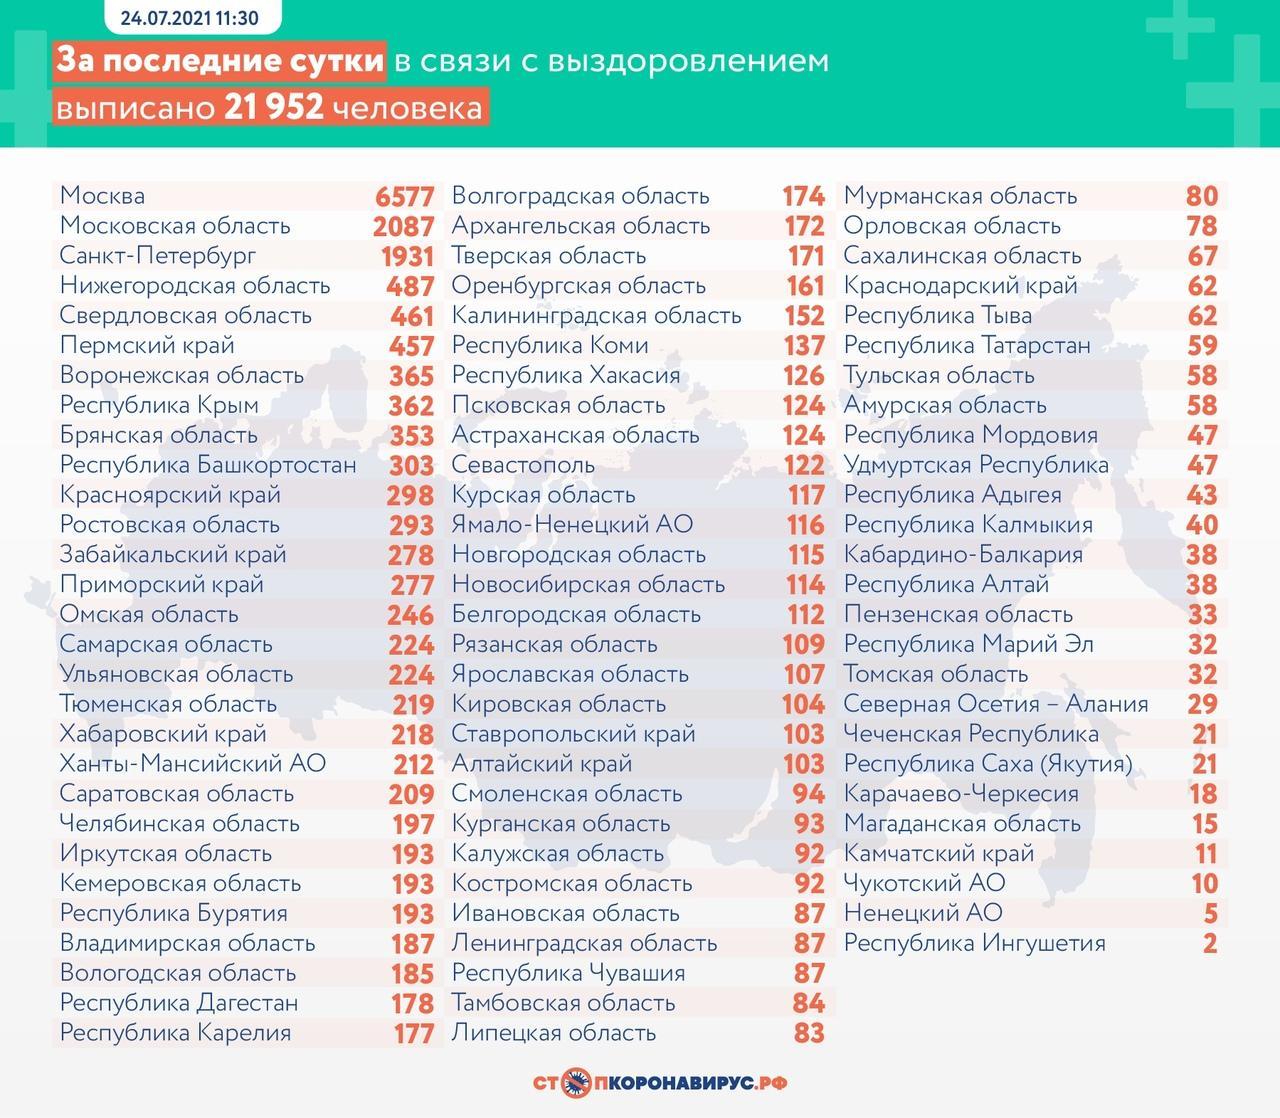 Фото Почти 24 тысячи новых заражений COVID-19 зафиксировано за сутки в России 3